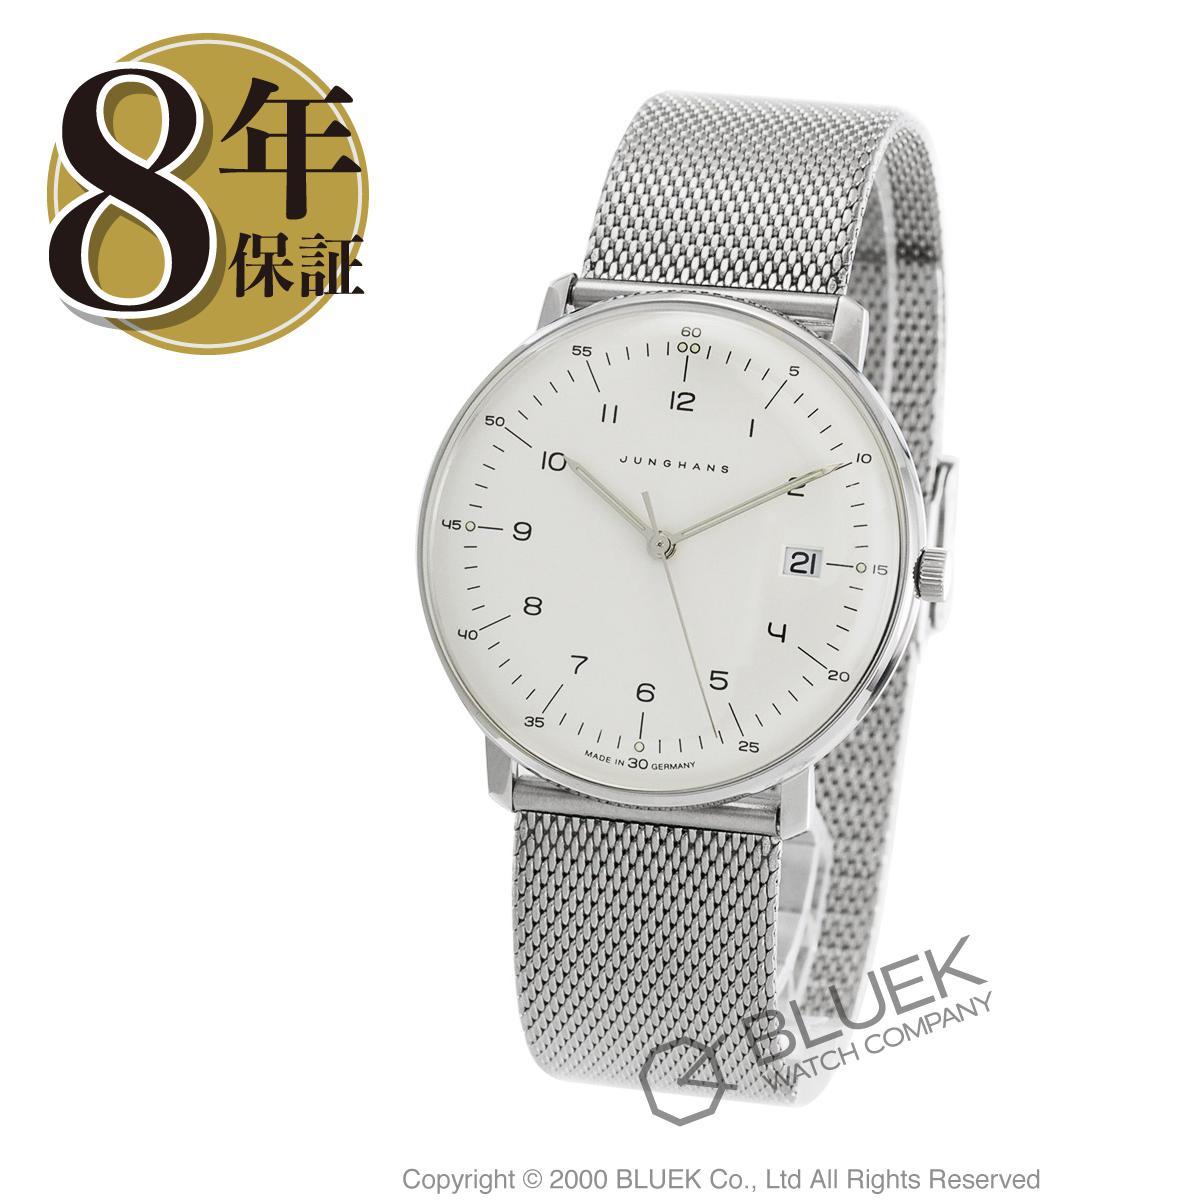 ユンハンス マックスビル 腕時計 メンズ JUNGHANS 041/4461.00M_8 バーゲン 成人祝い ギフト プレゼント